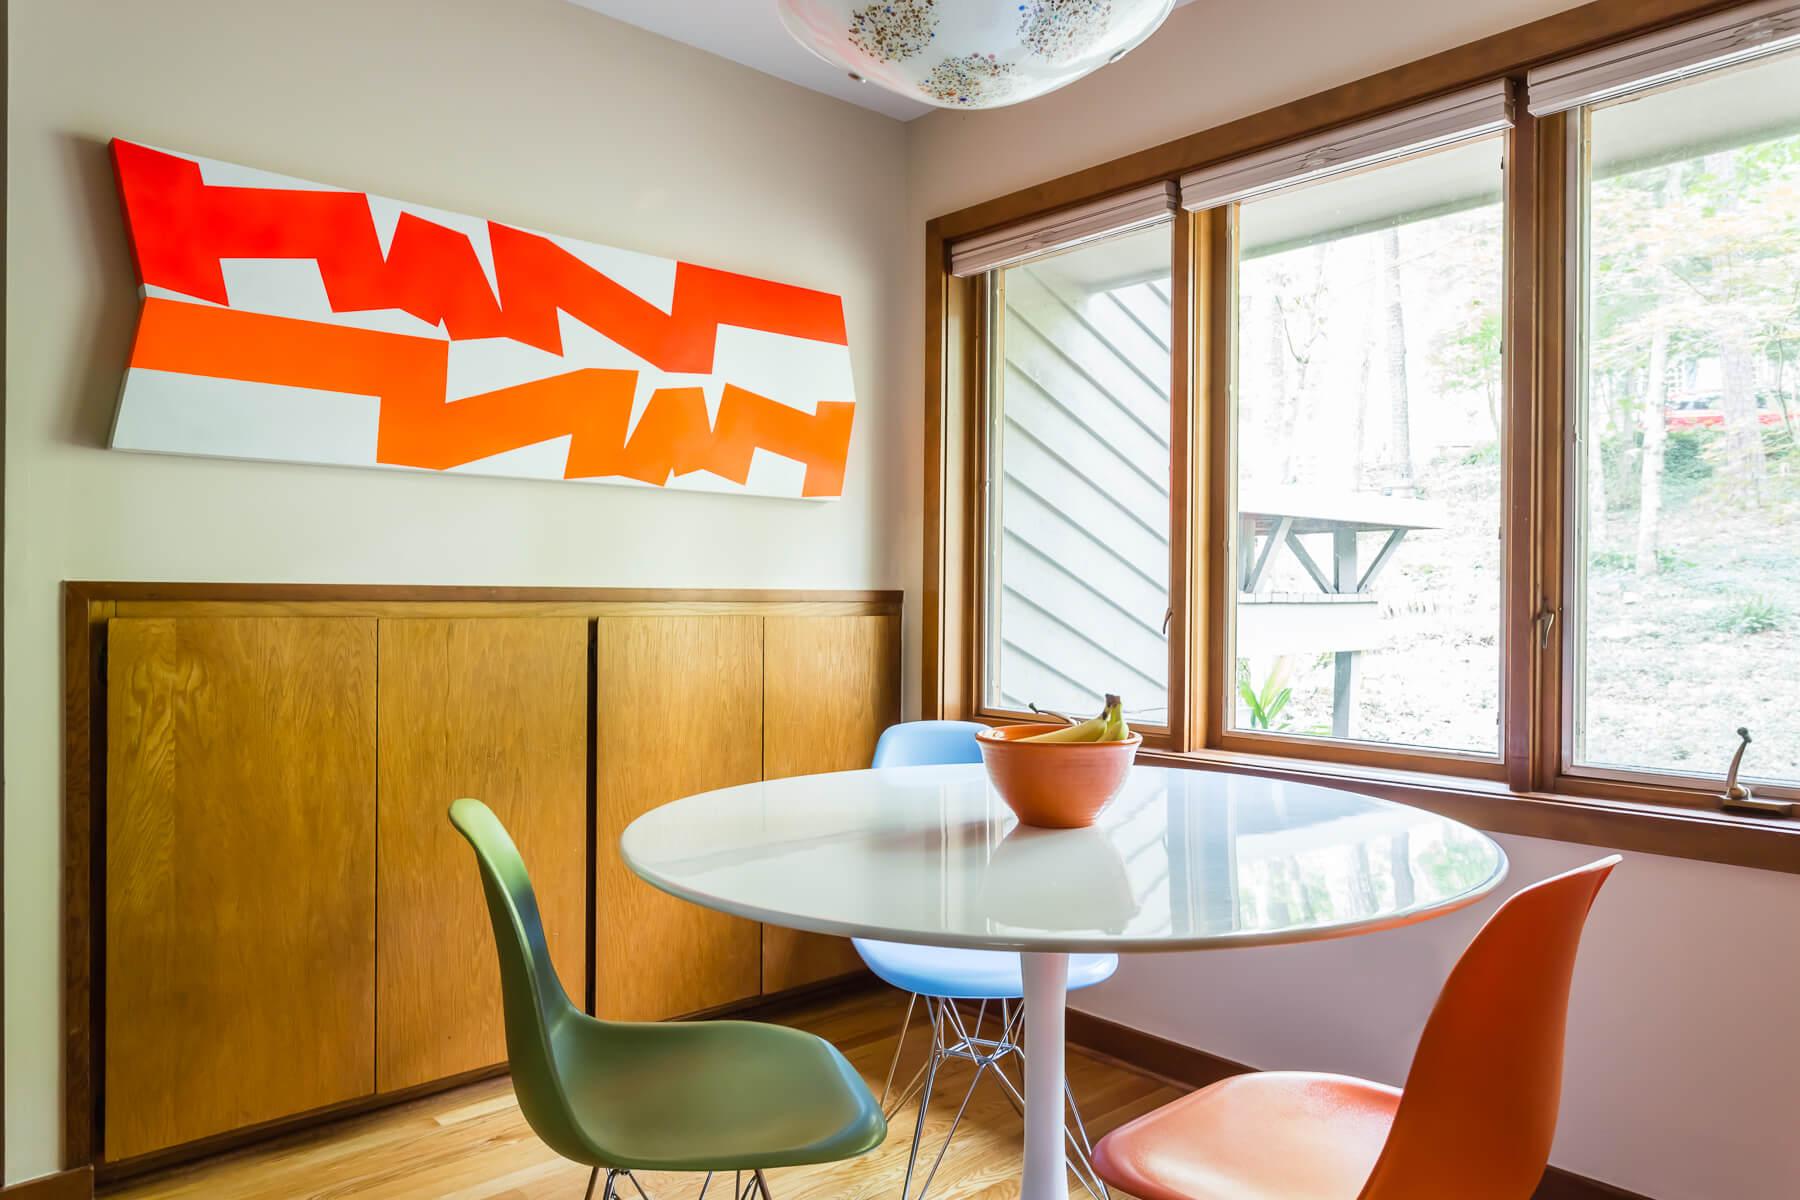 Mid Century Modern Art Kitchen Eating Area Design